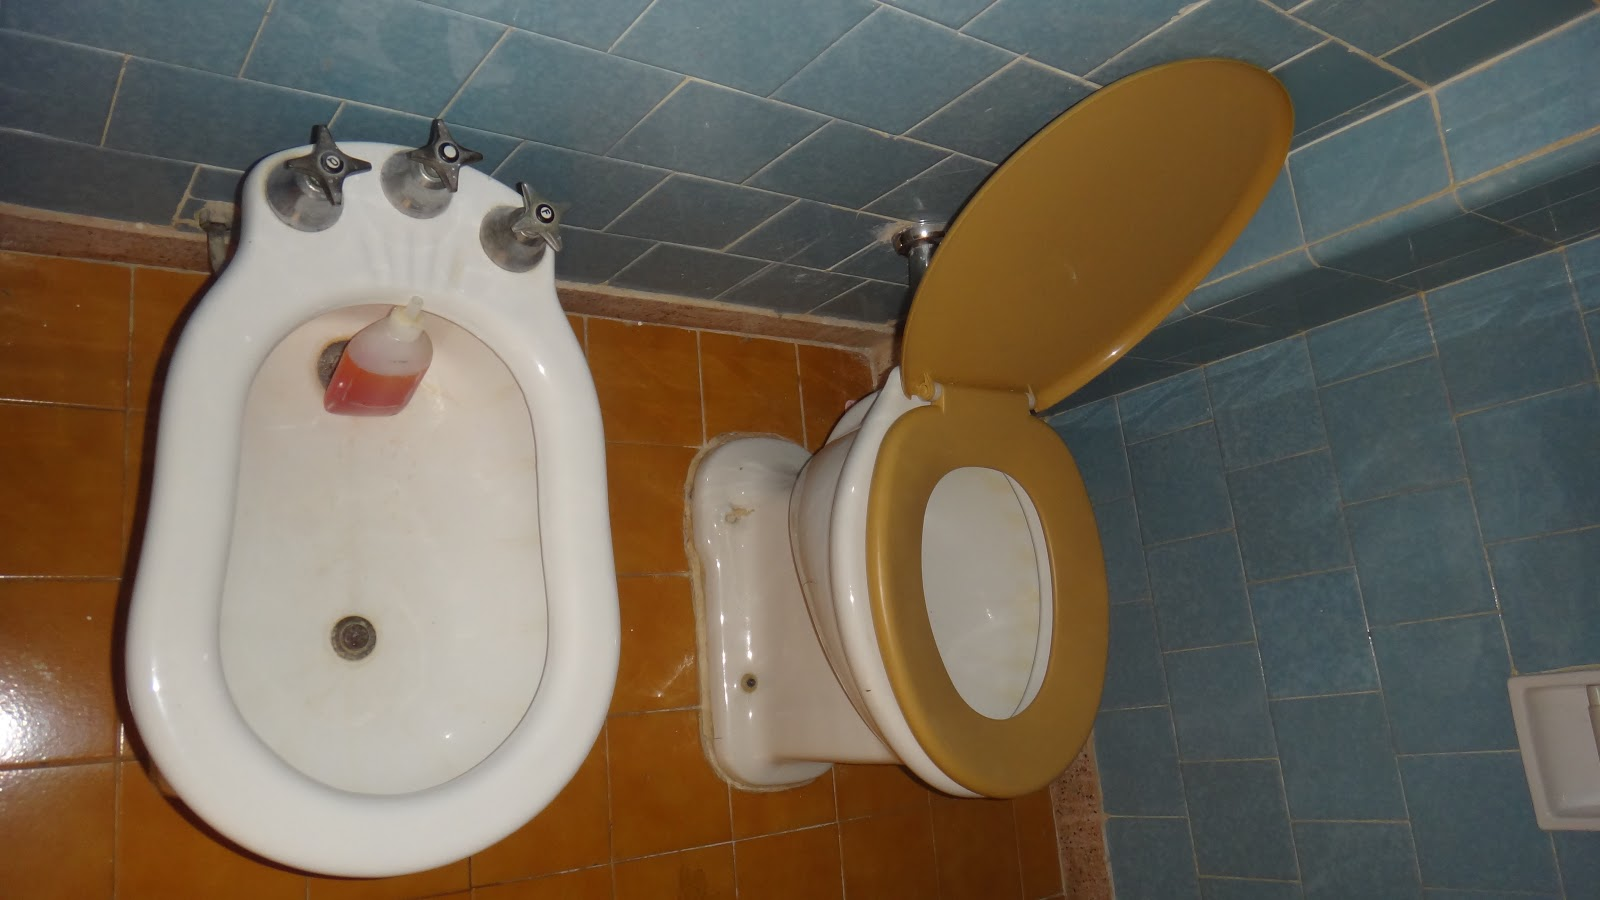 é do espelho que fica na porta estava todo enferrujado e sujo #6E4114 1600x900 Antes E Depois De Um Banheiro